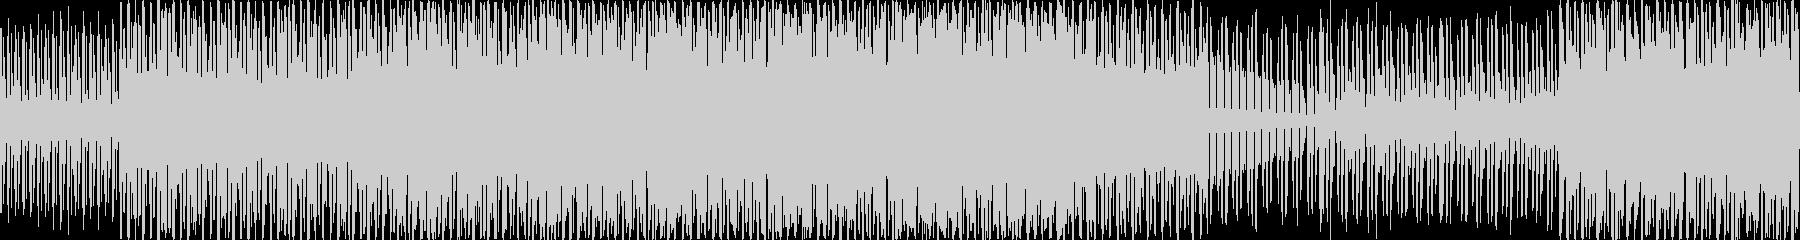 80音。プログレッシブピアノコード...の未再生の波形